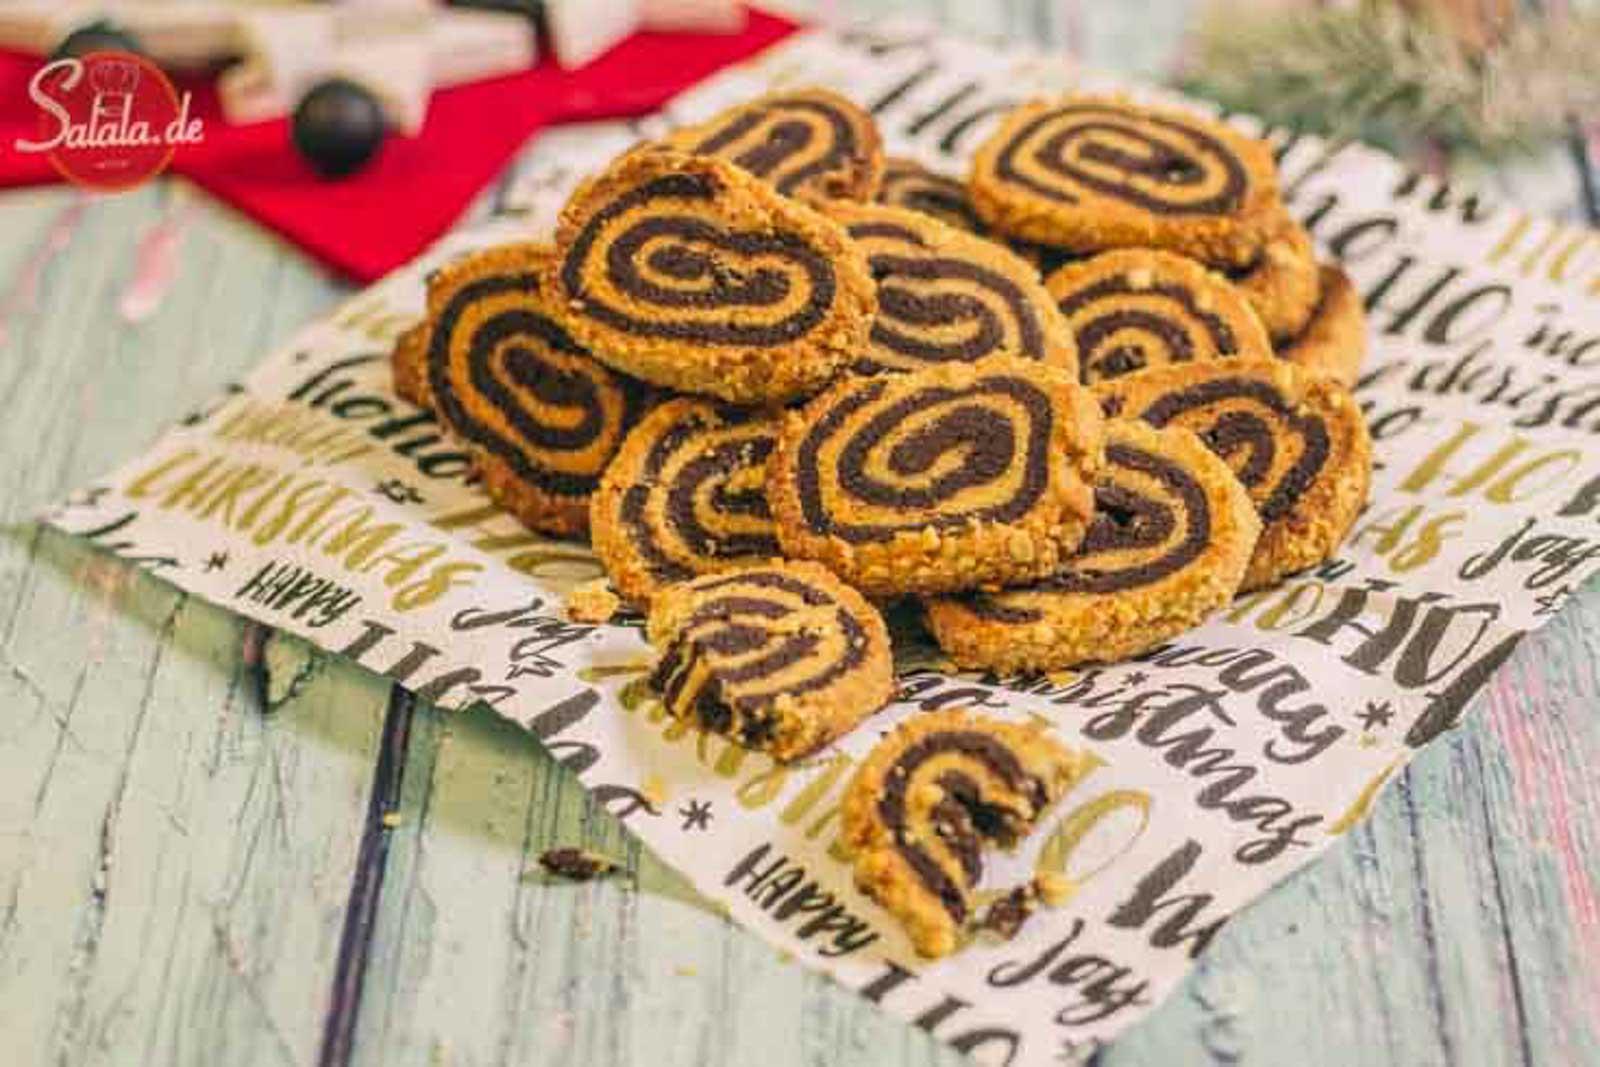 Erdnussplätzchen Low Carb Erdnussrolle - by salala.de - low carb glutenfrei ohne zucker ohne mehl Weihnachten Rezept